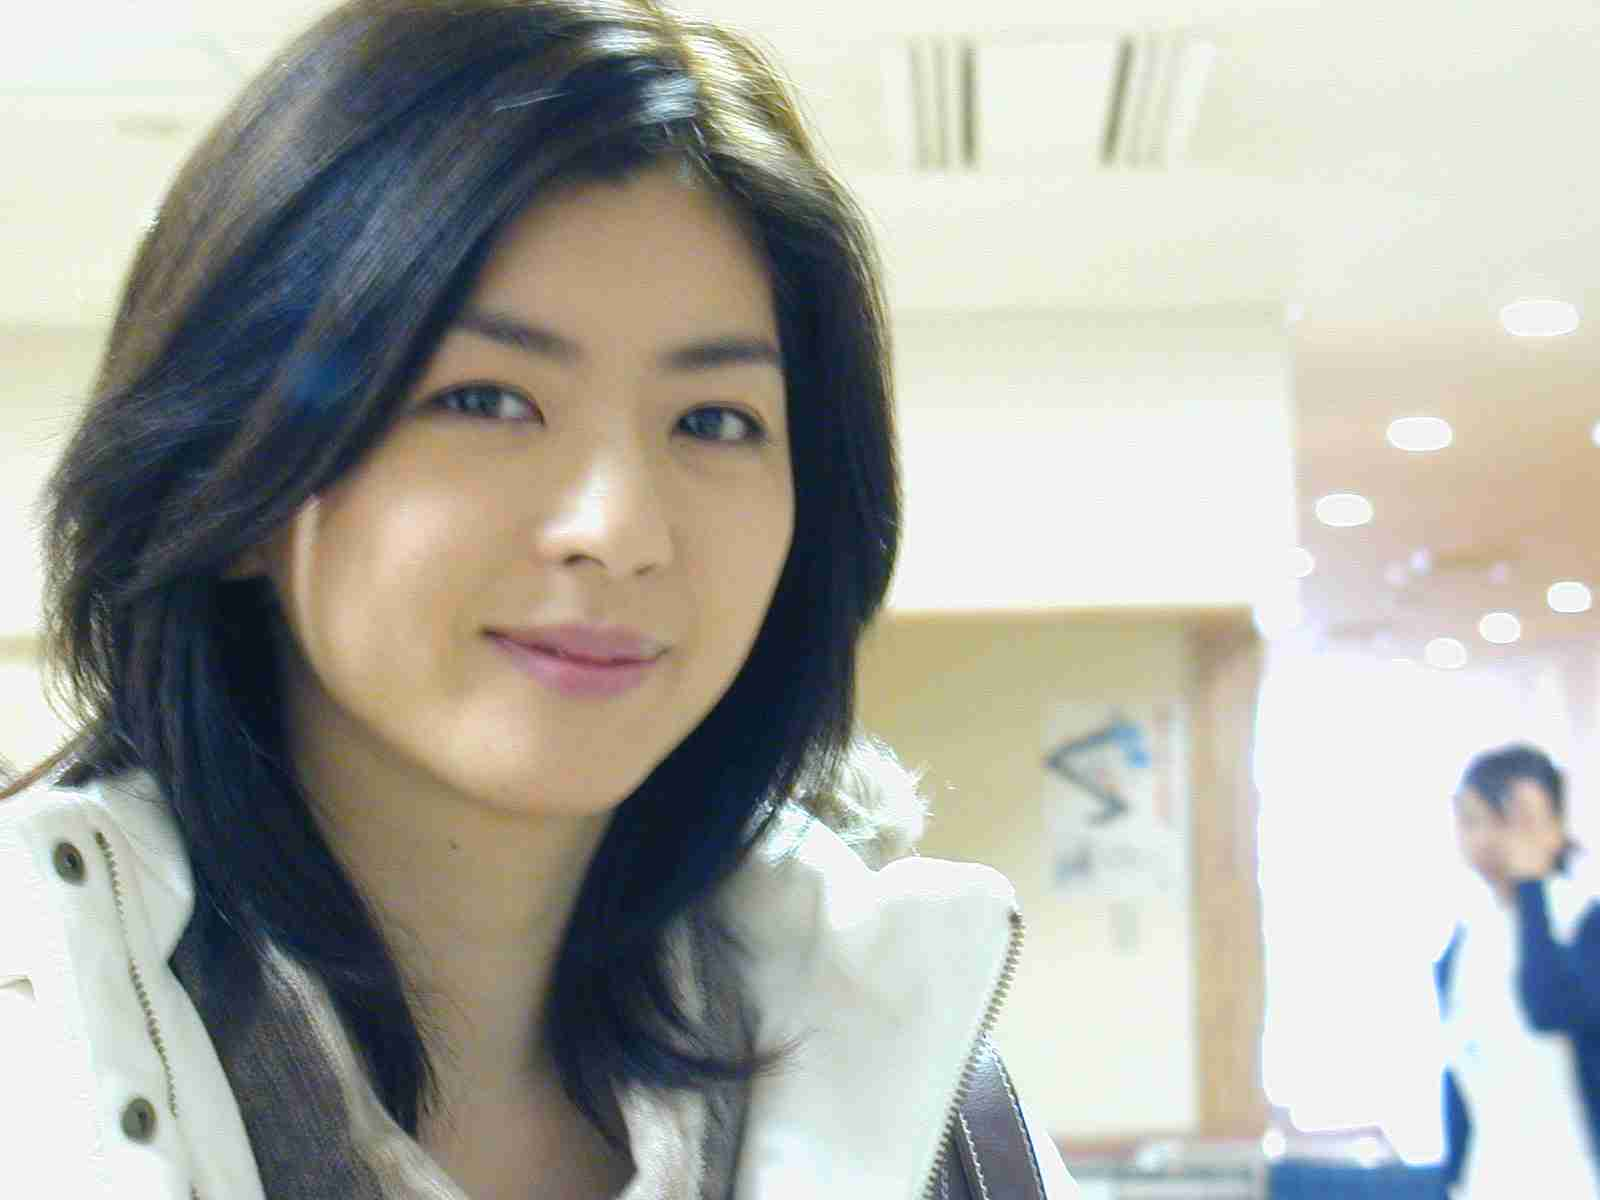 板野友美の妹がデビューで気になる芸能界の「姉妹格差」